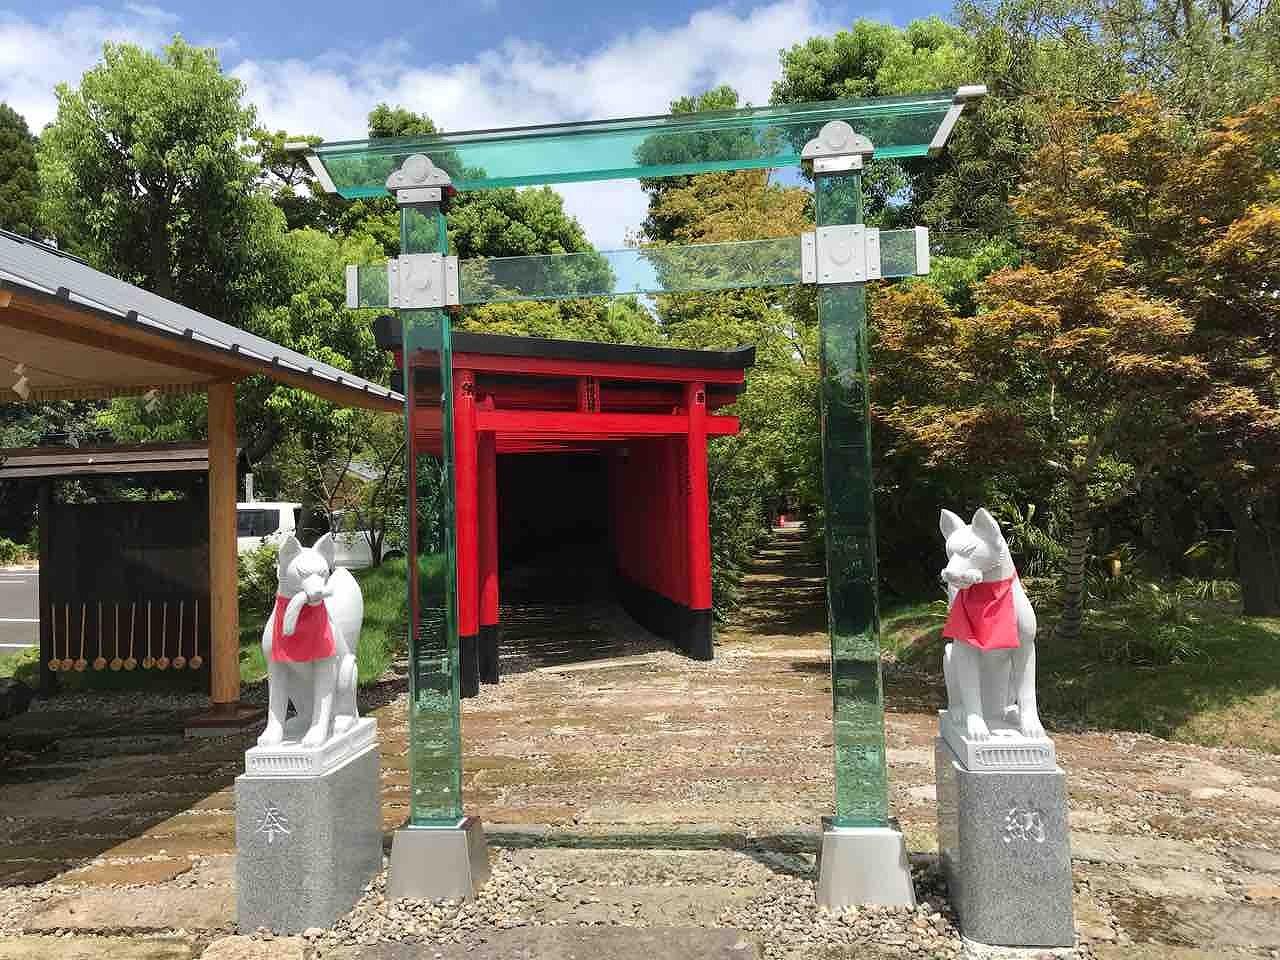 神徳稲荷神社のスケルトン鳥居 鹿児島グルメ食べ歩き&おすすめスポット から引用